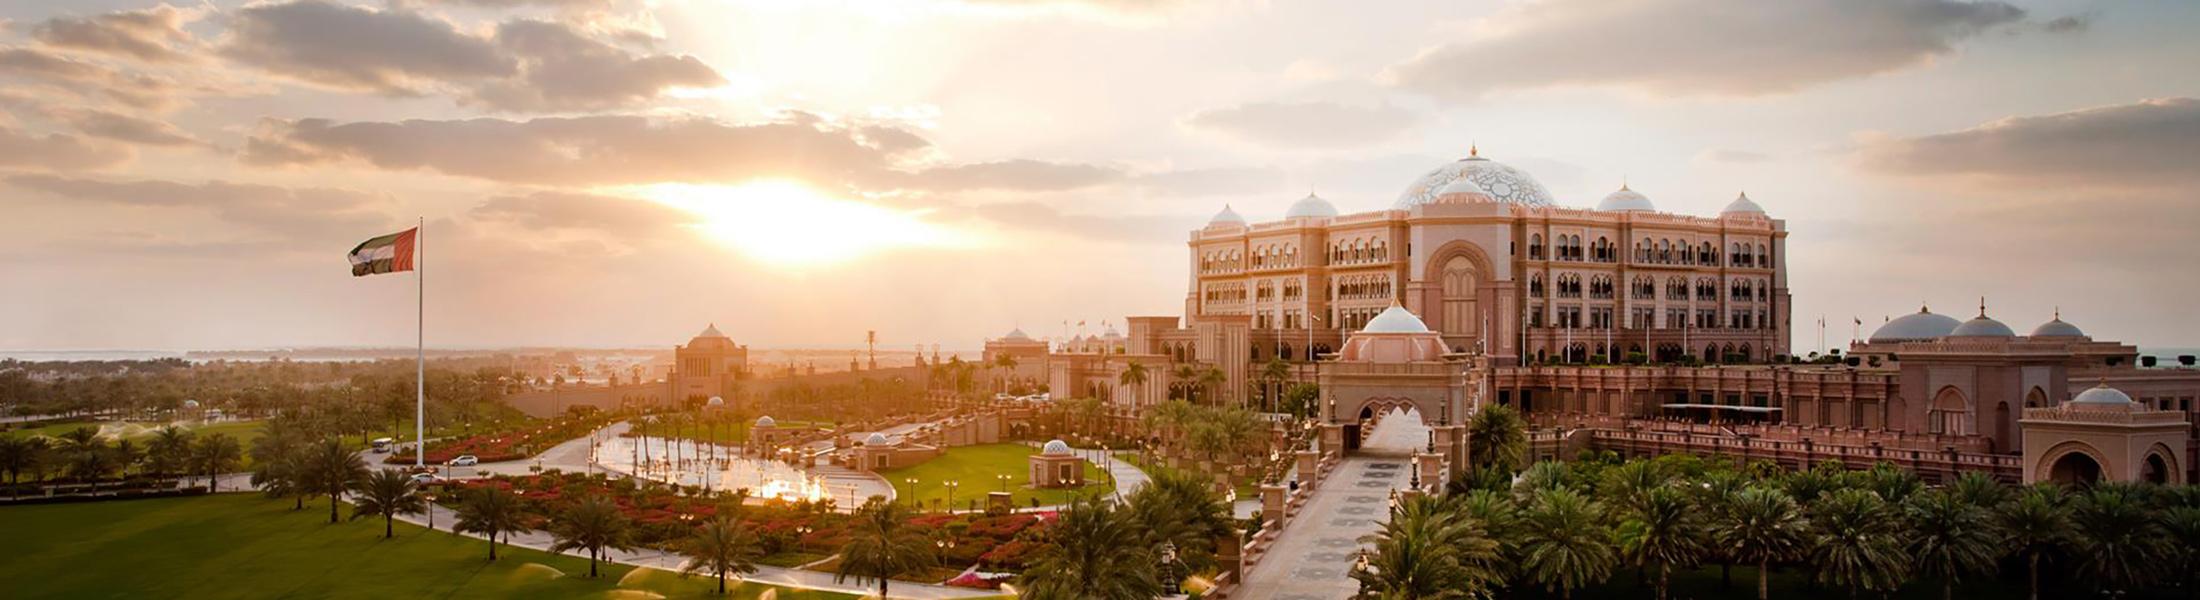 Exterior of Emirates Palace at sunset